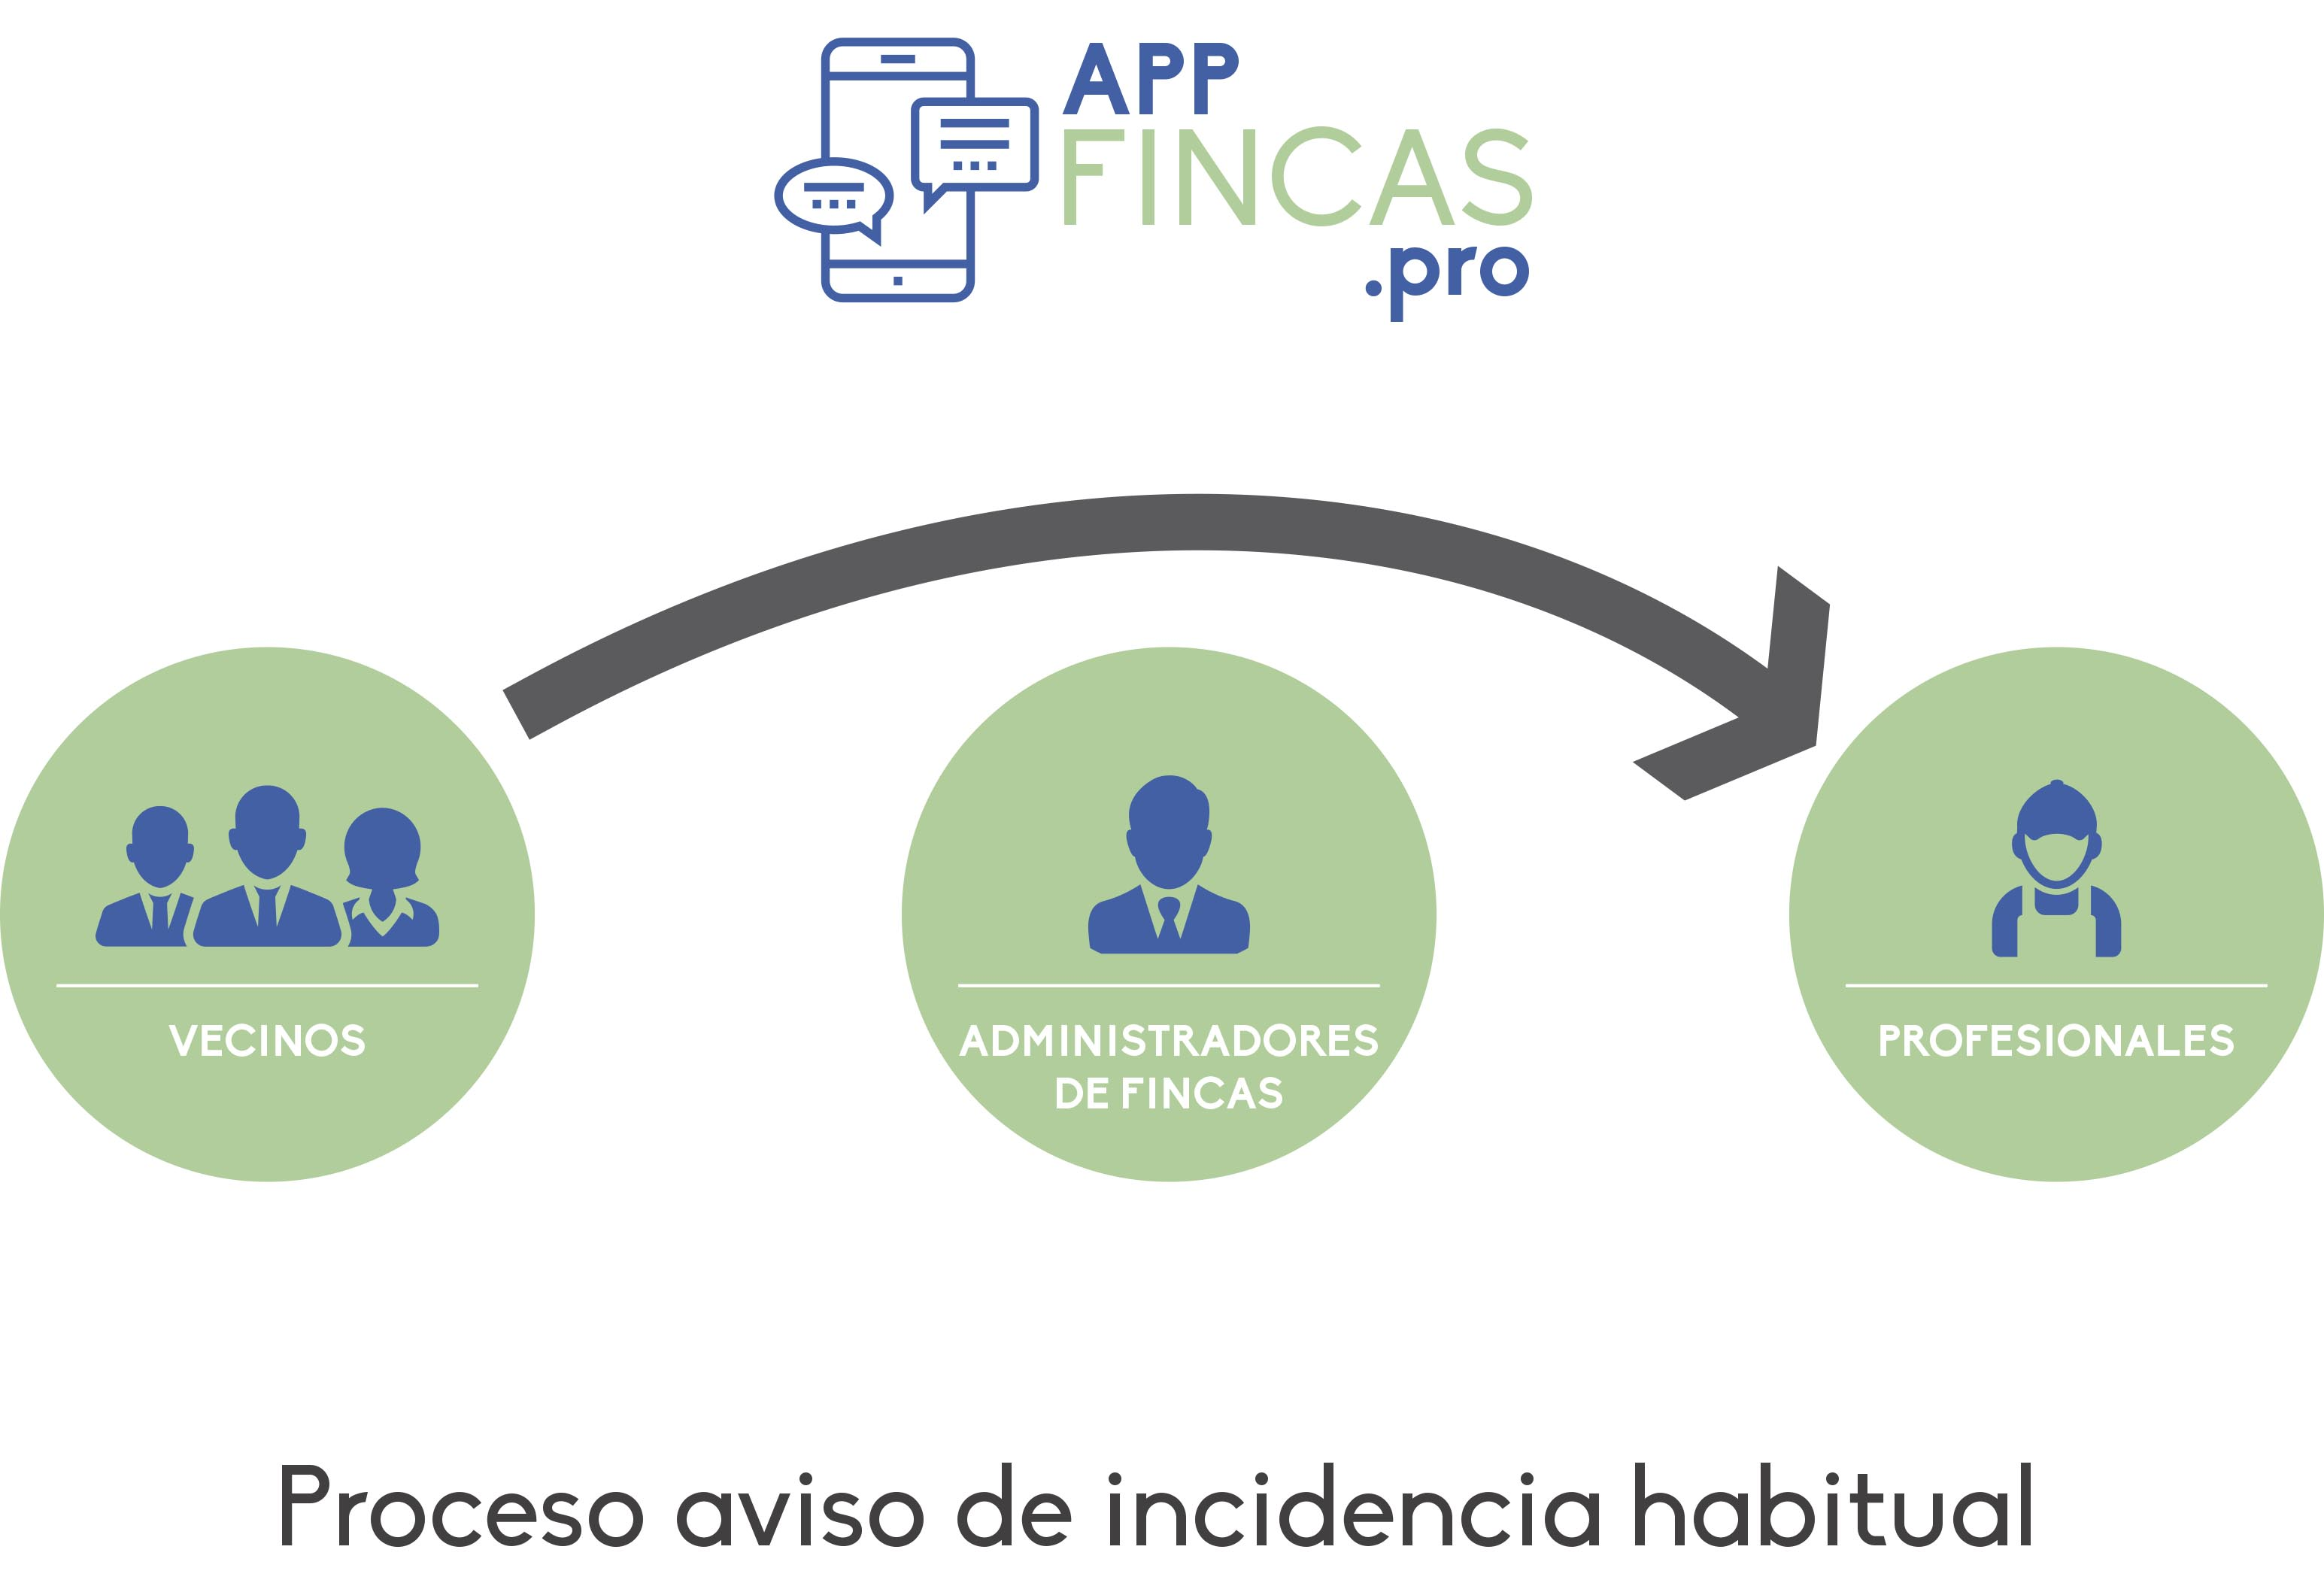 App para administrar fincas